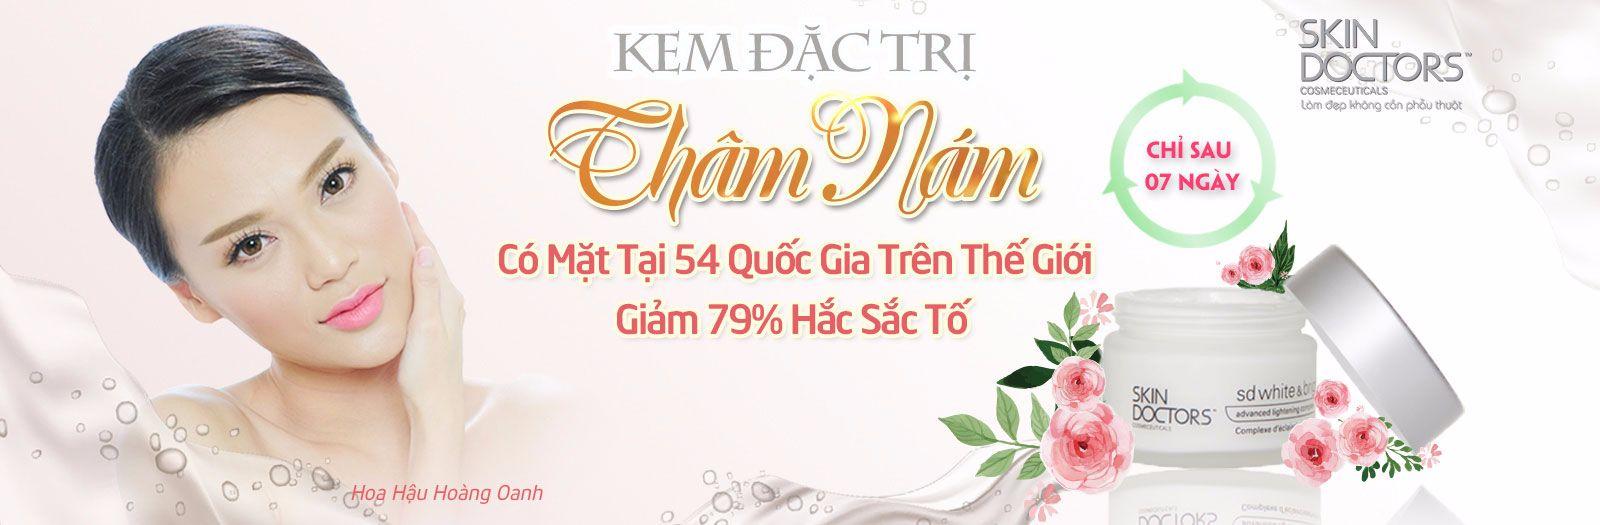 kem-tri-tham-nam-1600×525(SD)-9